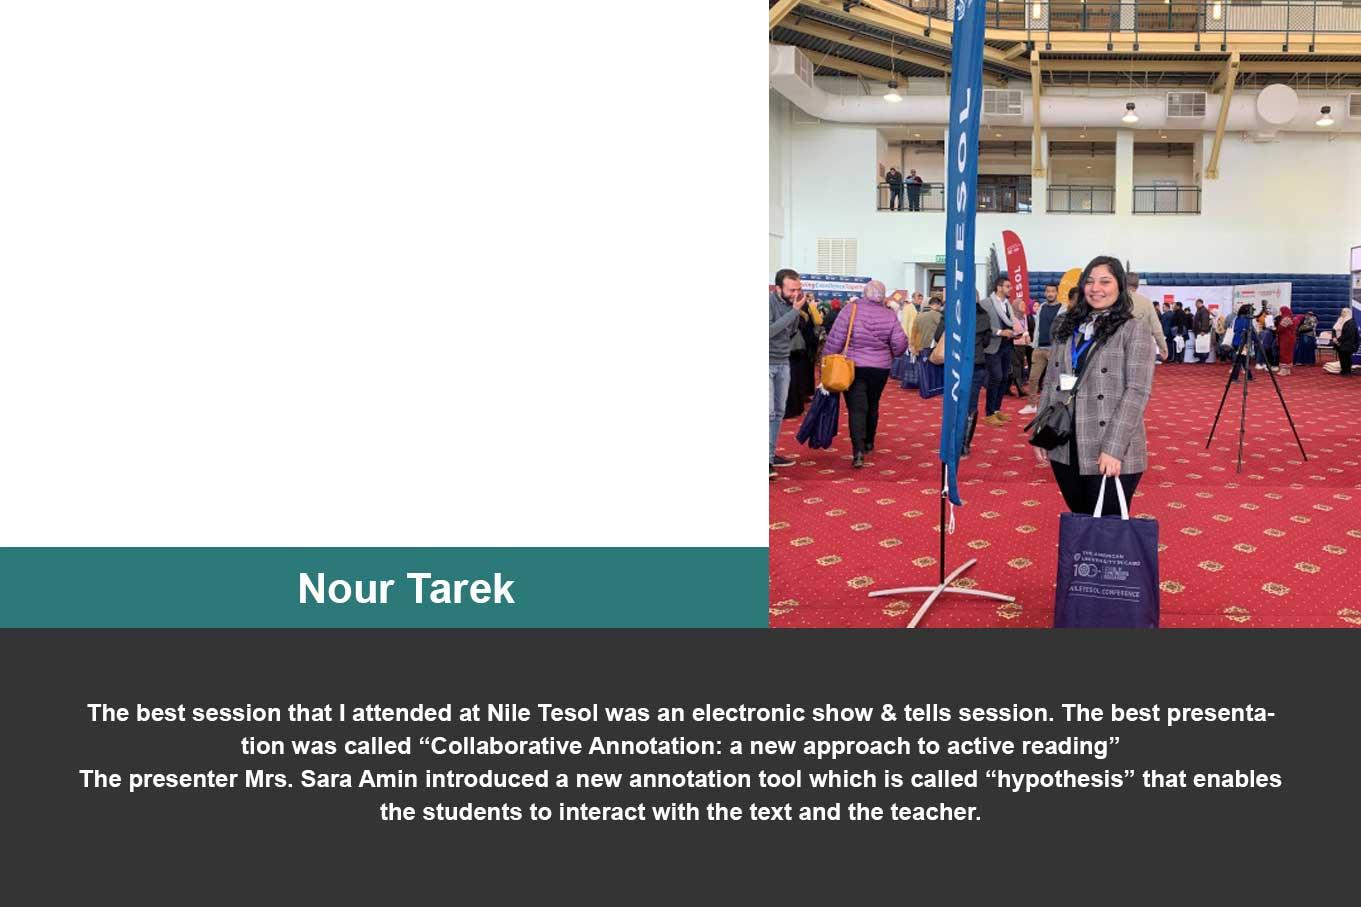 Nour Tarek